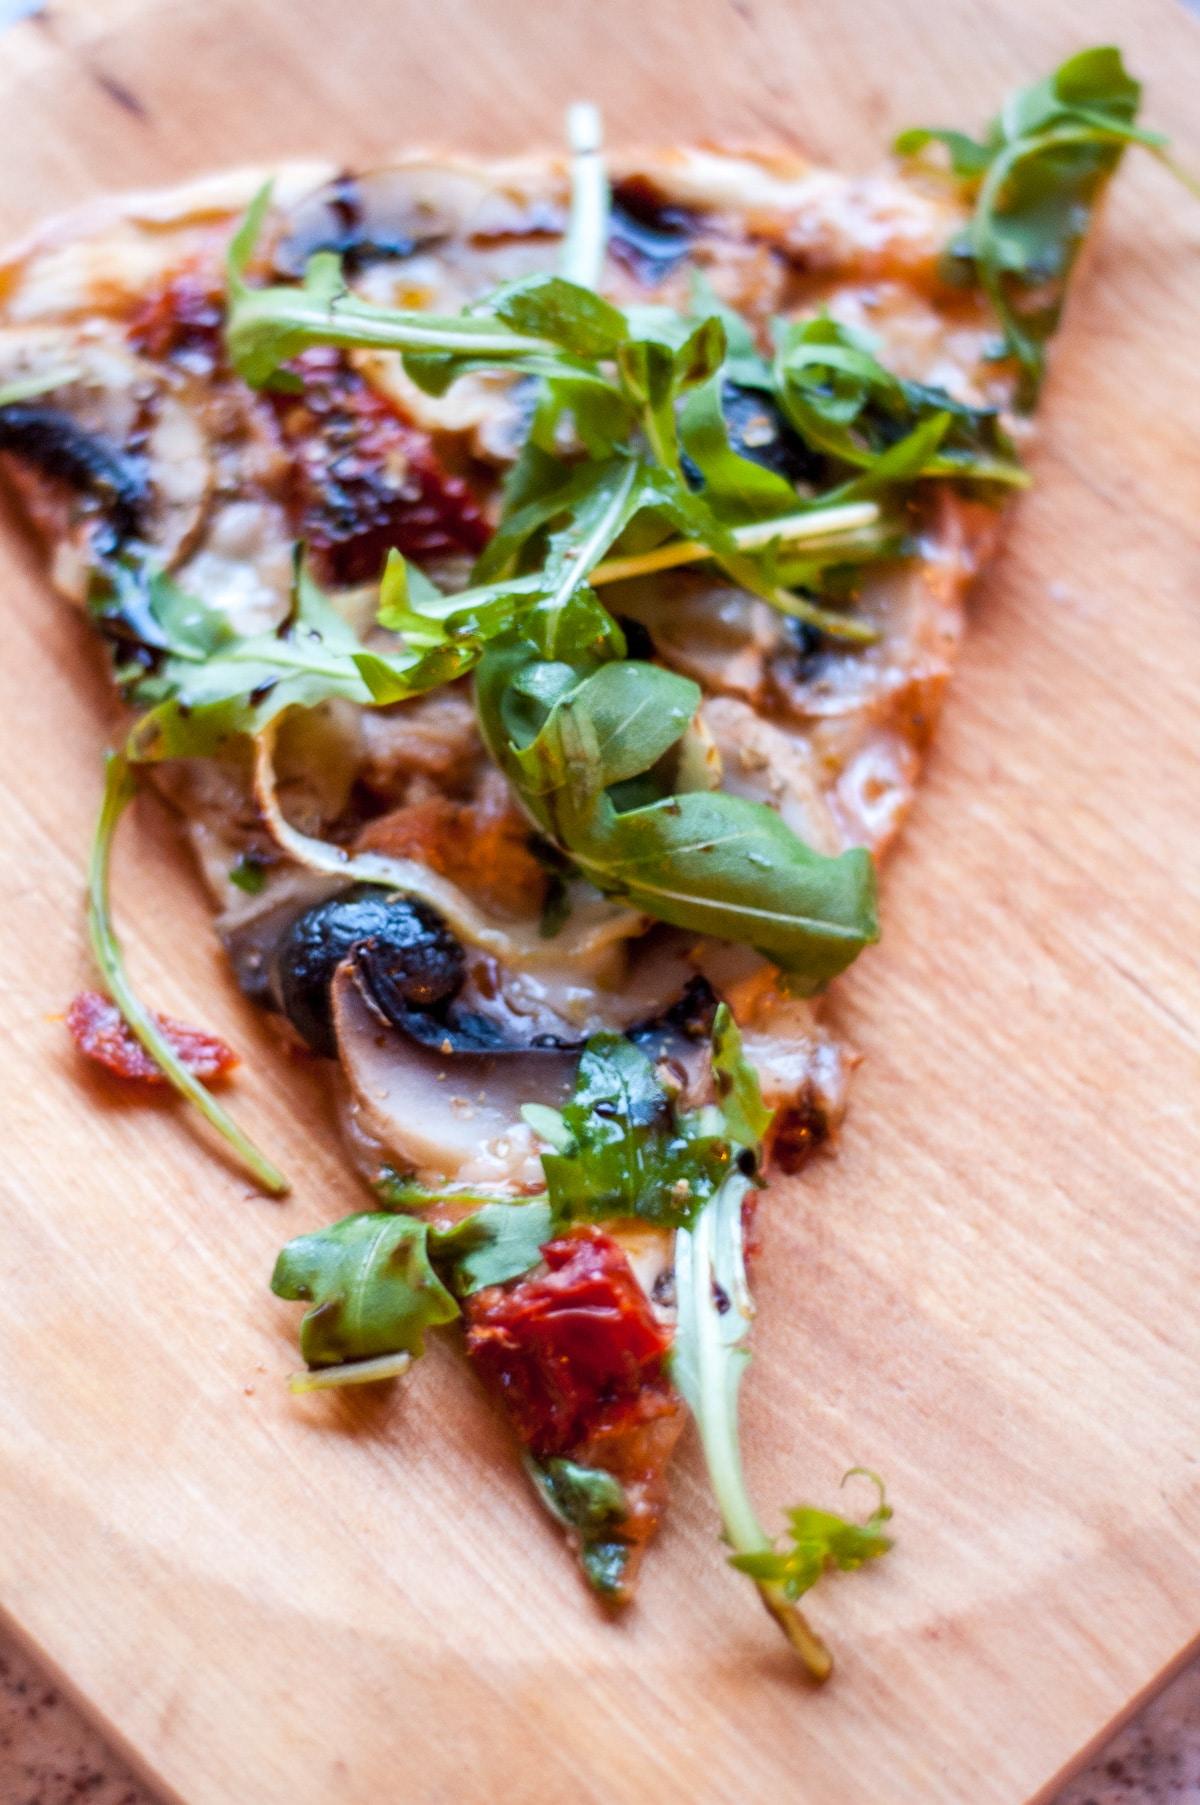 trójkąt pizzy z rukolą, tuńczykiem i czarnymi oliwkami